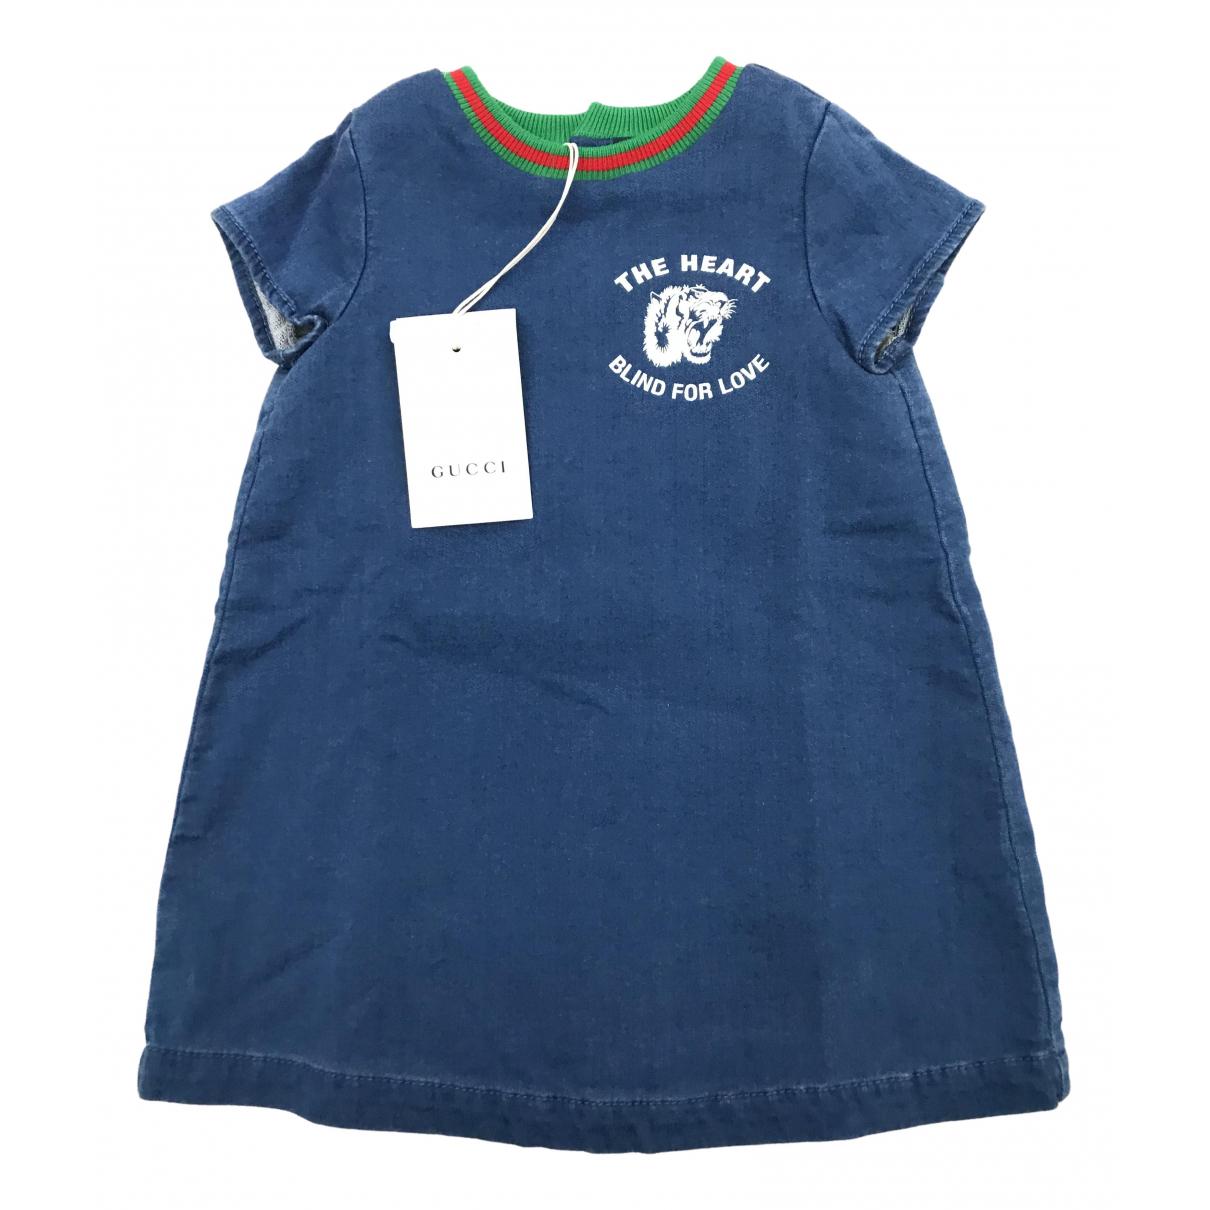 Gucci \N Kleid in  Blau Denim - Jeans